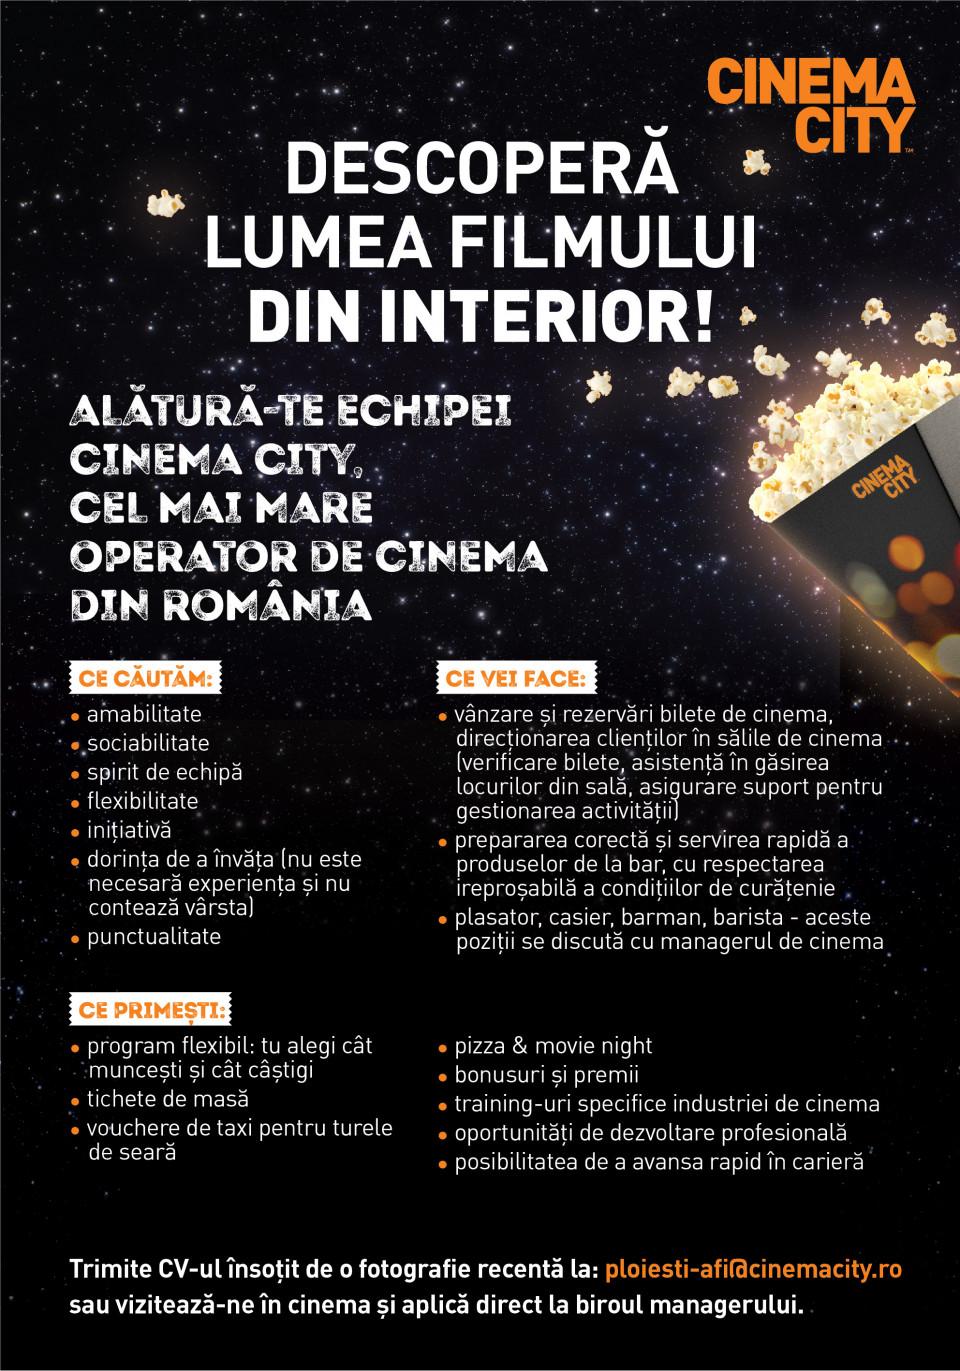 DESCOPERĂ LUMEA FILMULUI DIN INTERIOR!  Alătură-te echipei Cinema City, cel mai mare operator de cinema din România.  Cum ne dorim sa fie noul nostru coleg:  Cu atitudine pozitivă Dornic să învețe (nu este necesară experiența și nu contează vârsta) Punctual Cu bune abilități de comunicare și relaționare Amabil Să îi placă să lucreze în echipă Determinat Cu inițiativă Căutăm colegi care să descopere cu entuziasm lumea filmului din interior pentru următoarele roluri  Barman / Barista / Casier / Plasator  În funcție de rolul potrivit pentru tine, responsabilitățile generale ar putea fi:  - vânzarea de bilete și rezervări bilete de cinema, direcționarea clienților în cinema (verificare bilete, asistență în găsirea locurilor din sală, asigurare suport pentru gestionarea activității);  - preparea corectă și servirea rapidă a produselor de la bar sau cafenea, cu respectarea ireproșabilă a condițiilor de curățenie;  - întâmpinarea clienților și oferirea informațiilor corecte despre produsele noastre;  Barman / Barista / Casier / Plasator – aceste poziții se discută în cadrul interviului.  Ce îți garantăm:  - Program flexibil (tu alegi cât muncești și cât câștigi) - Tichete de masa - Pizza & Movie night - Bonusuri și premii - Training-uri specifice industriei de cinema - Vouchere de taxi pentru turele de seară - Oportunități de dezvoltare profesională - Posibilitatea de a avansa rapid în carieră  Punem accent pe dezvoltarea oamenilor și ne dorim ca fiecare coleg să fie foarte bine pregătit profesional existând șanse de promovare. Dezvoltă și tu o carieră în industria de cinema!  Trimite CV-ul insotit de o fotografie recenta la: ploiesti-afi@cinemacity.ro sau viziteaza-ne in cinema si aplica direct la biroul managerului.  Te așteptăm cu drag! Descoperă lumea filmului din interior!Alătură-te echipei Cinema City, cel mai mare operator de cinema din România, parte din Cineworld, al doilea mare lanț de cinematografe din lume!Ne dorim să fim cel mai bun loc unde se vizionează film